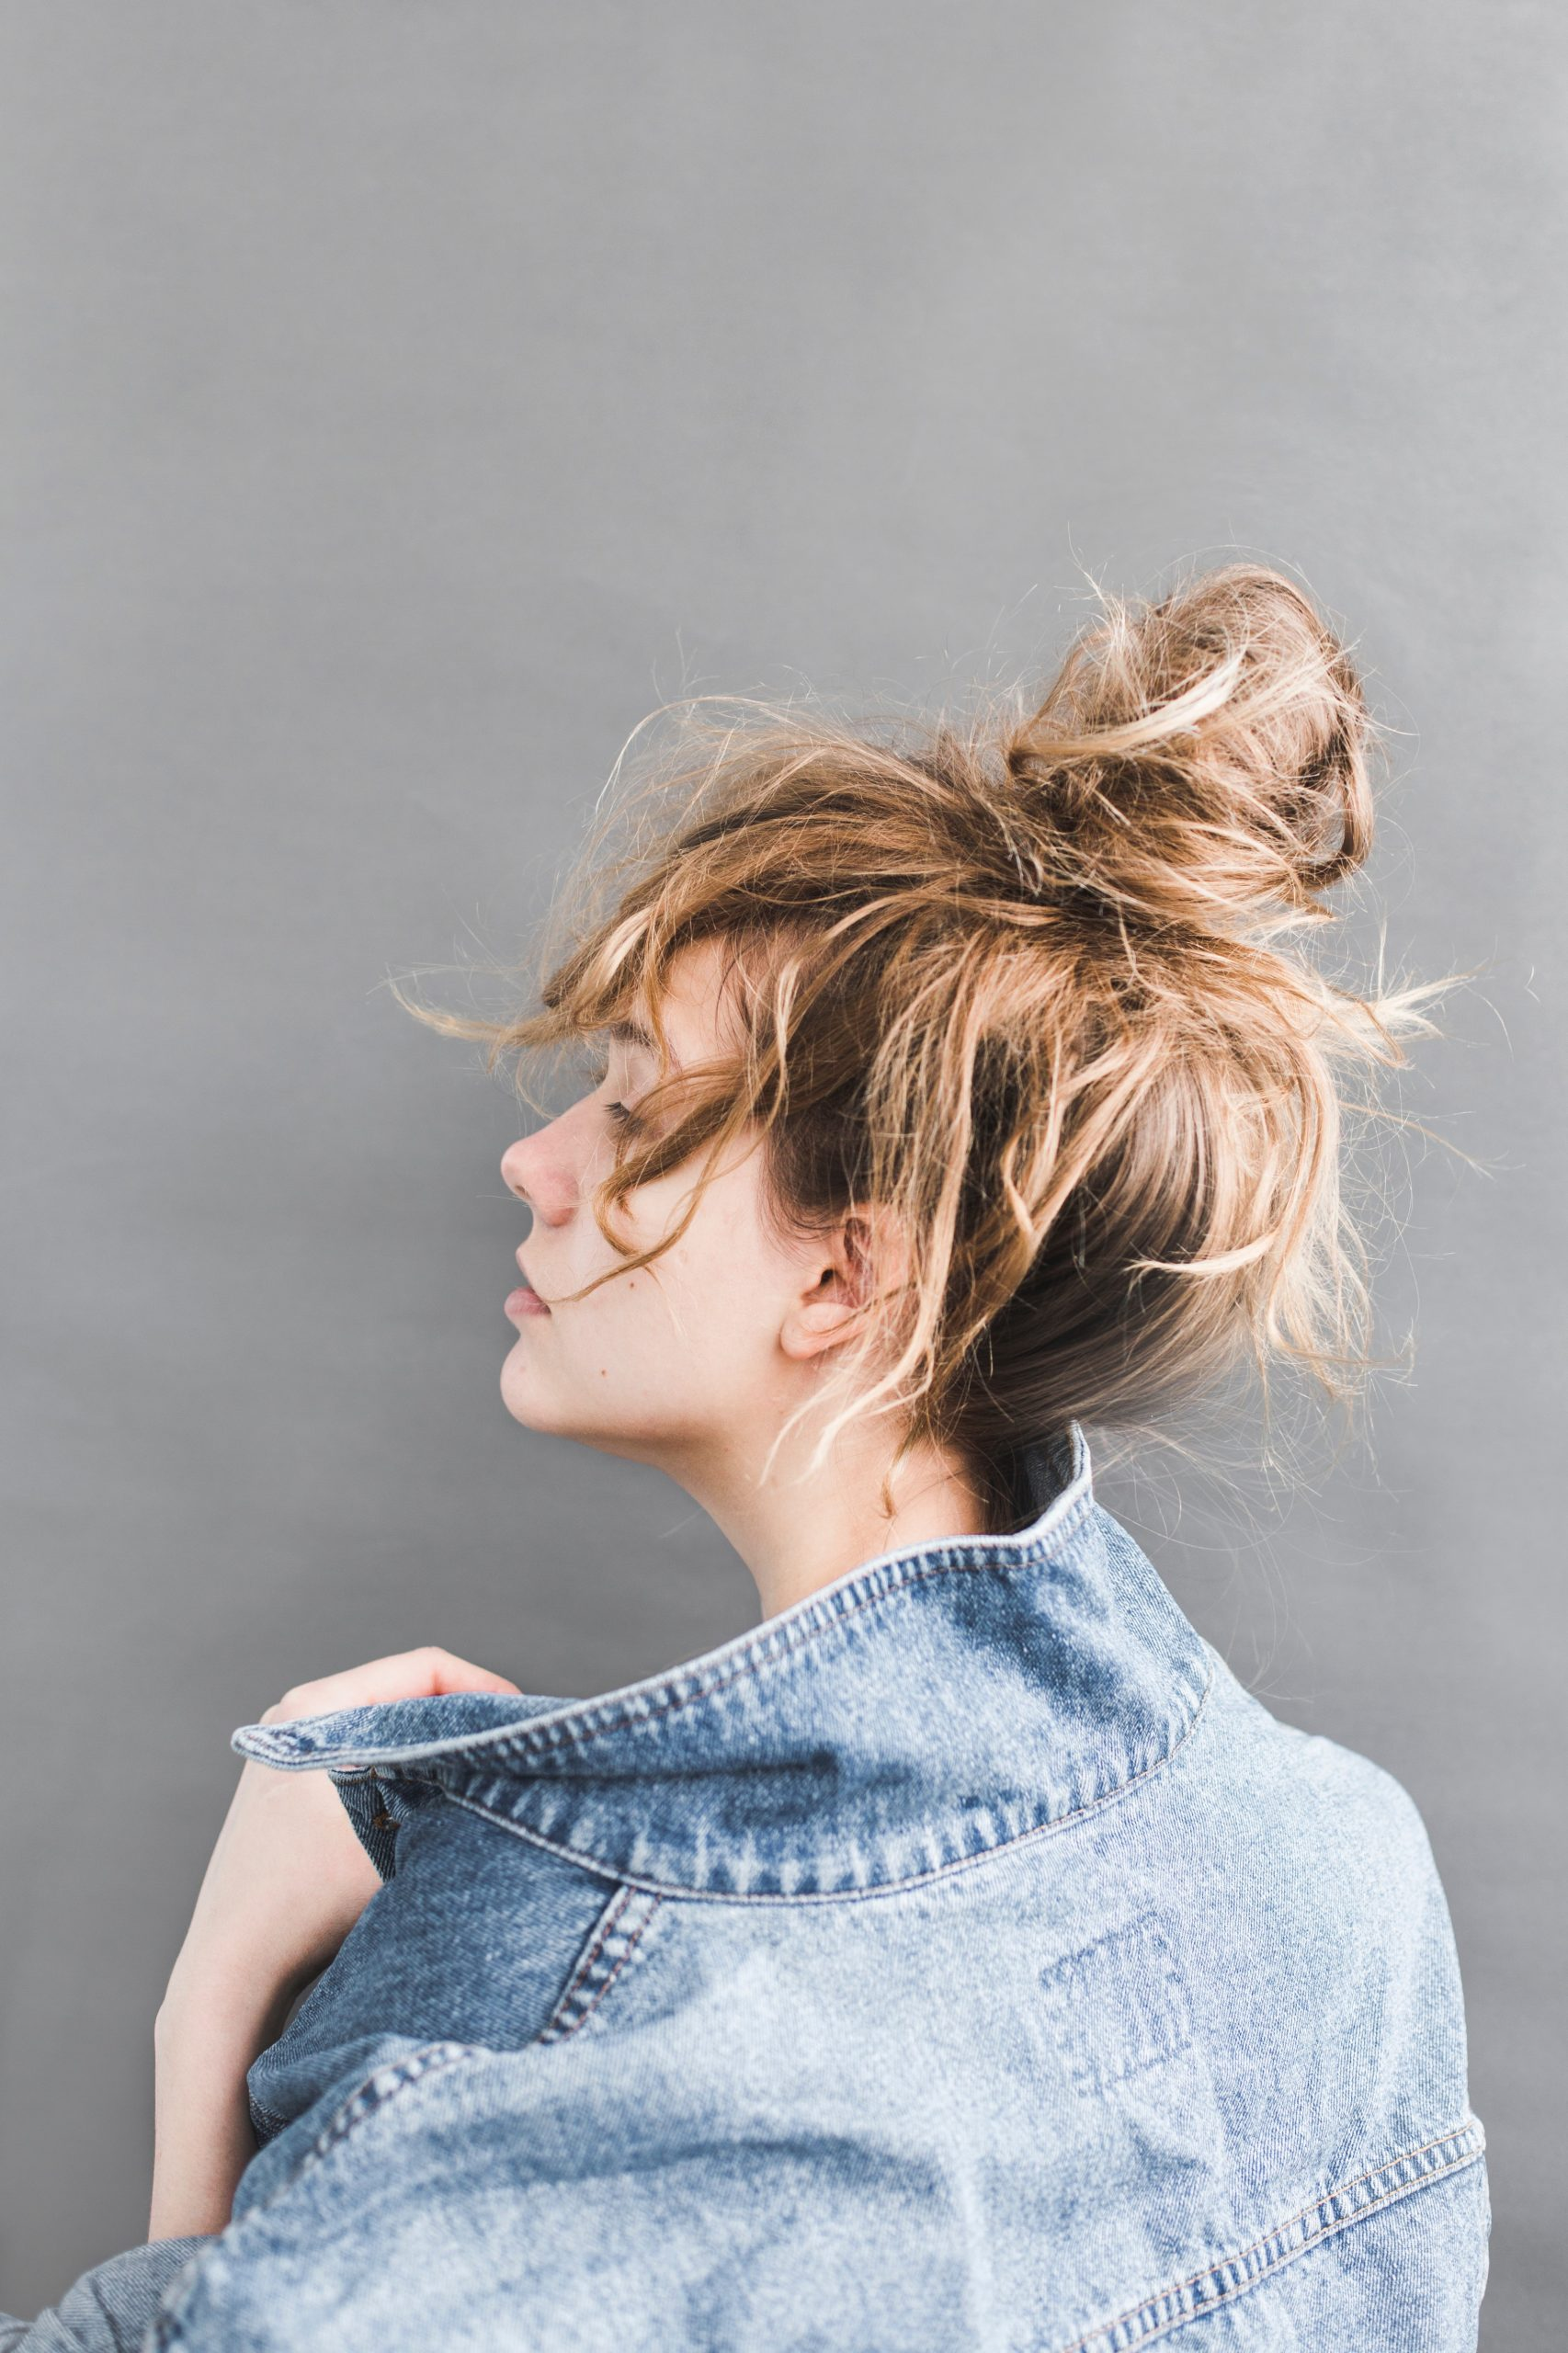 Instagam bio for girls attitudes-websplashers